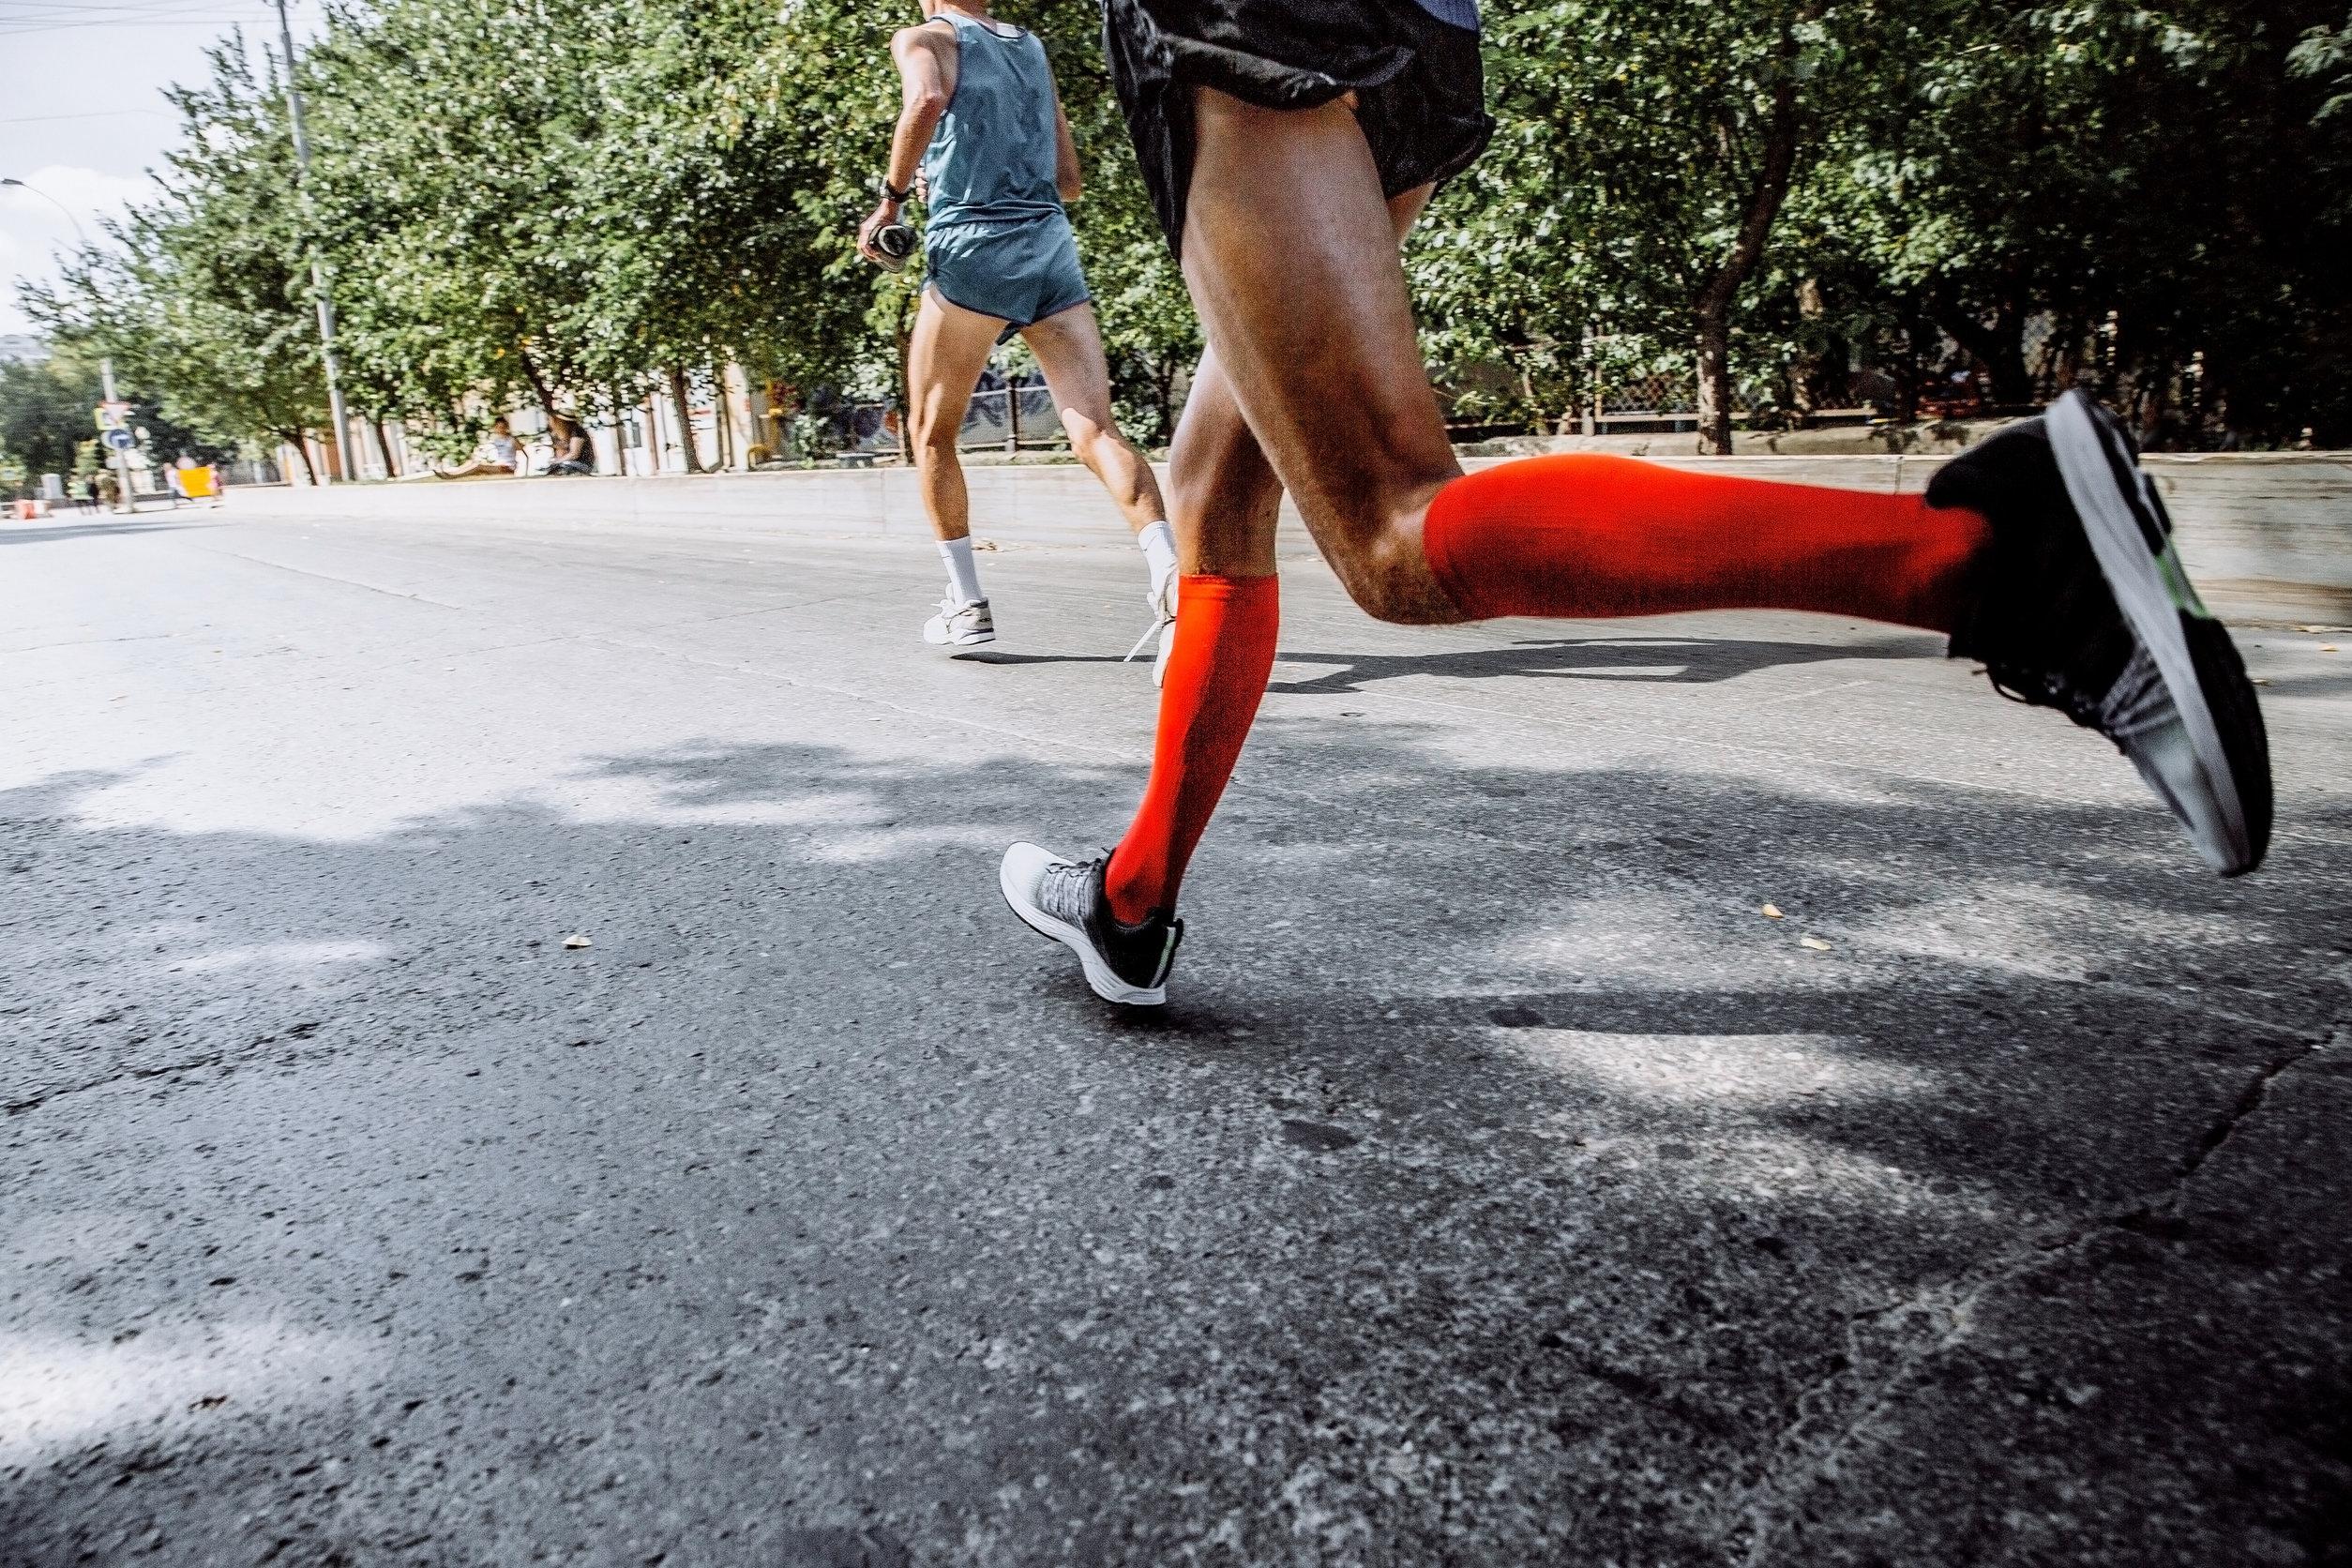 Persona corriendo usando calcetines deportivos